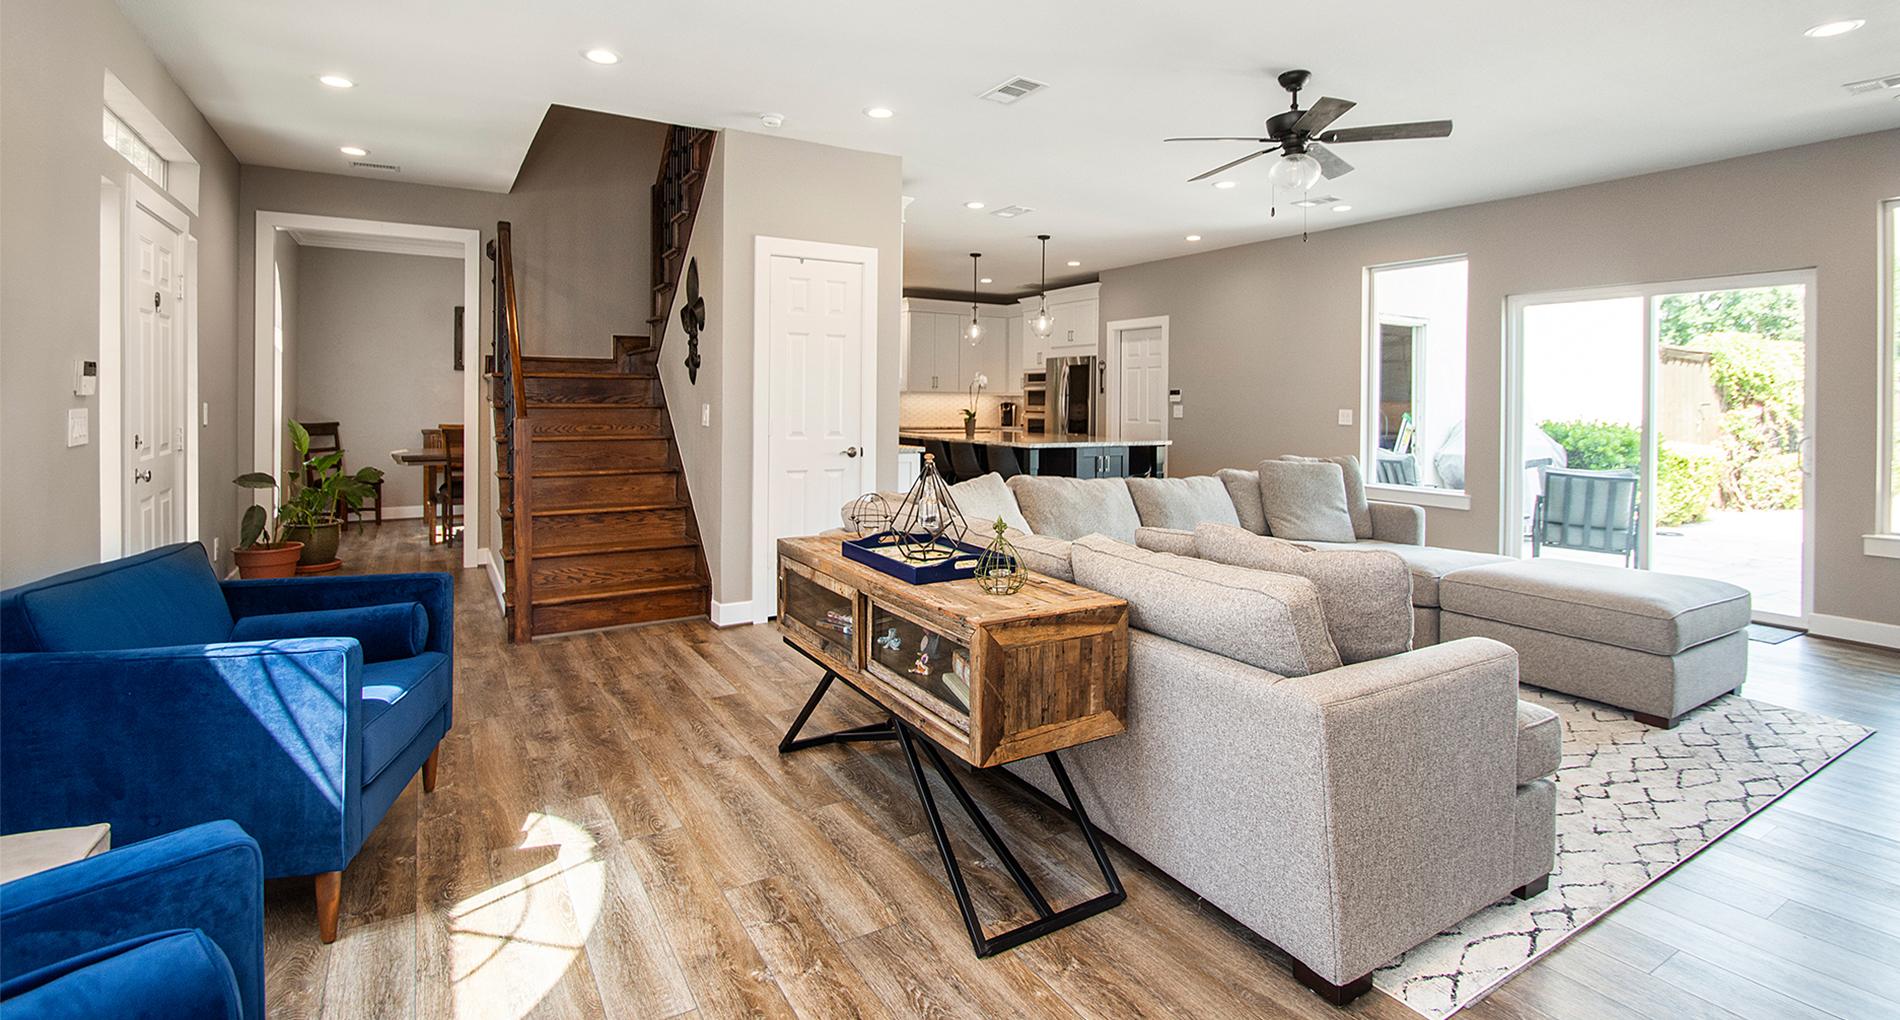 West-Plano-Remodel-Header-Image-Living-Room-1